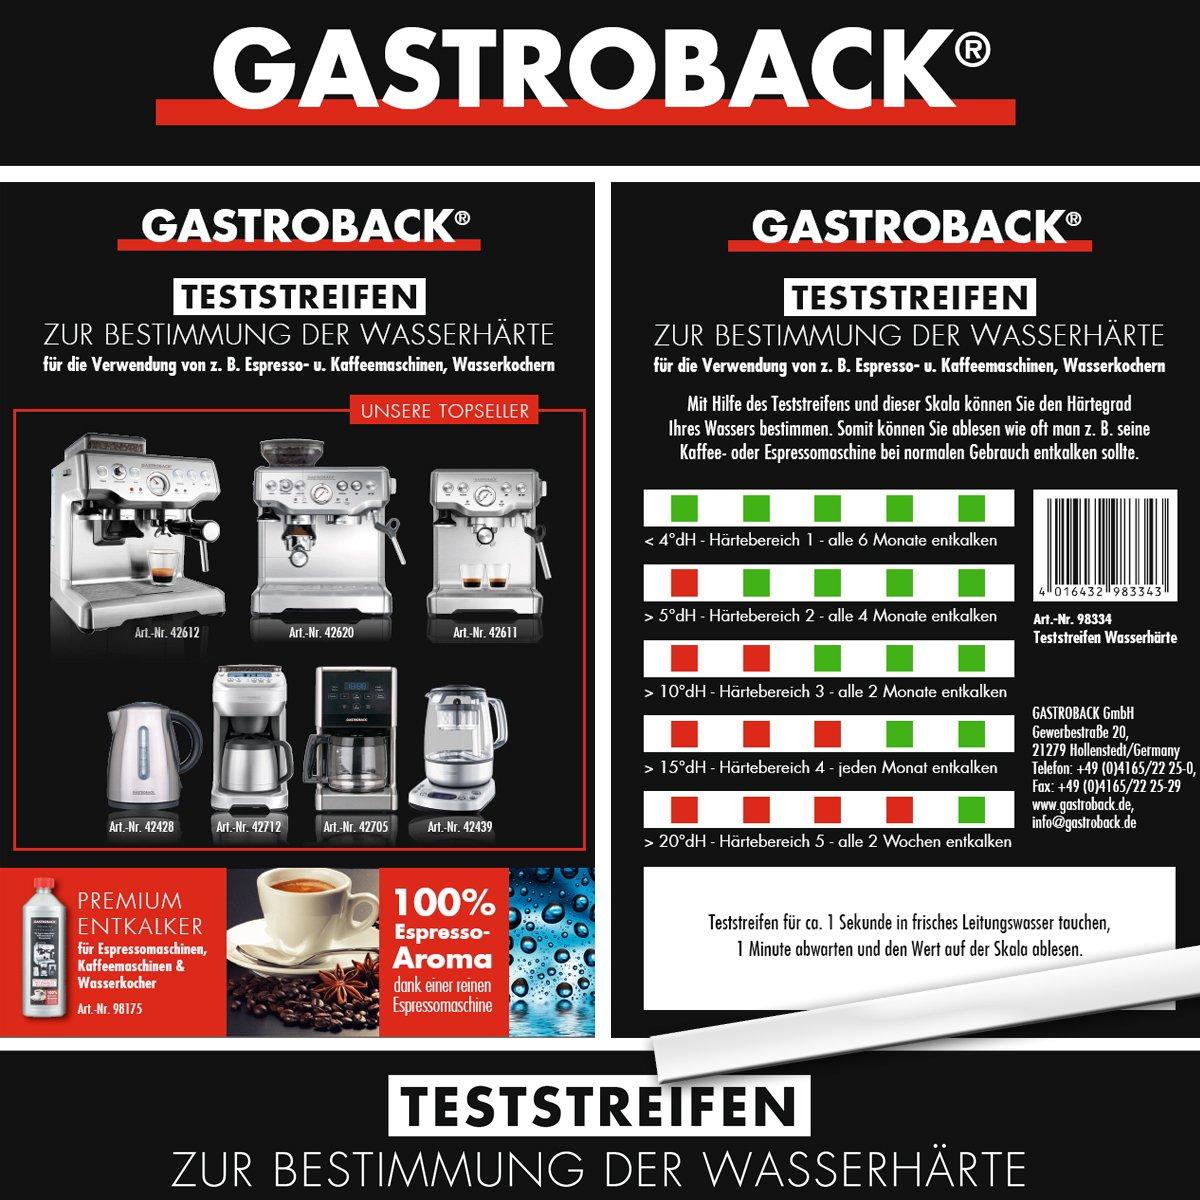 Gastroback bandelettes de test pour mesurer la dureté de l'eau